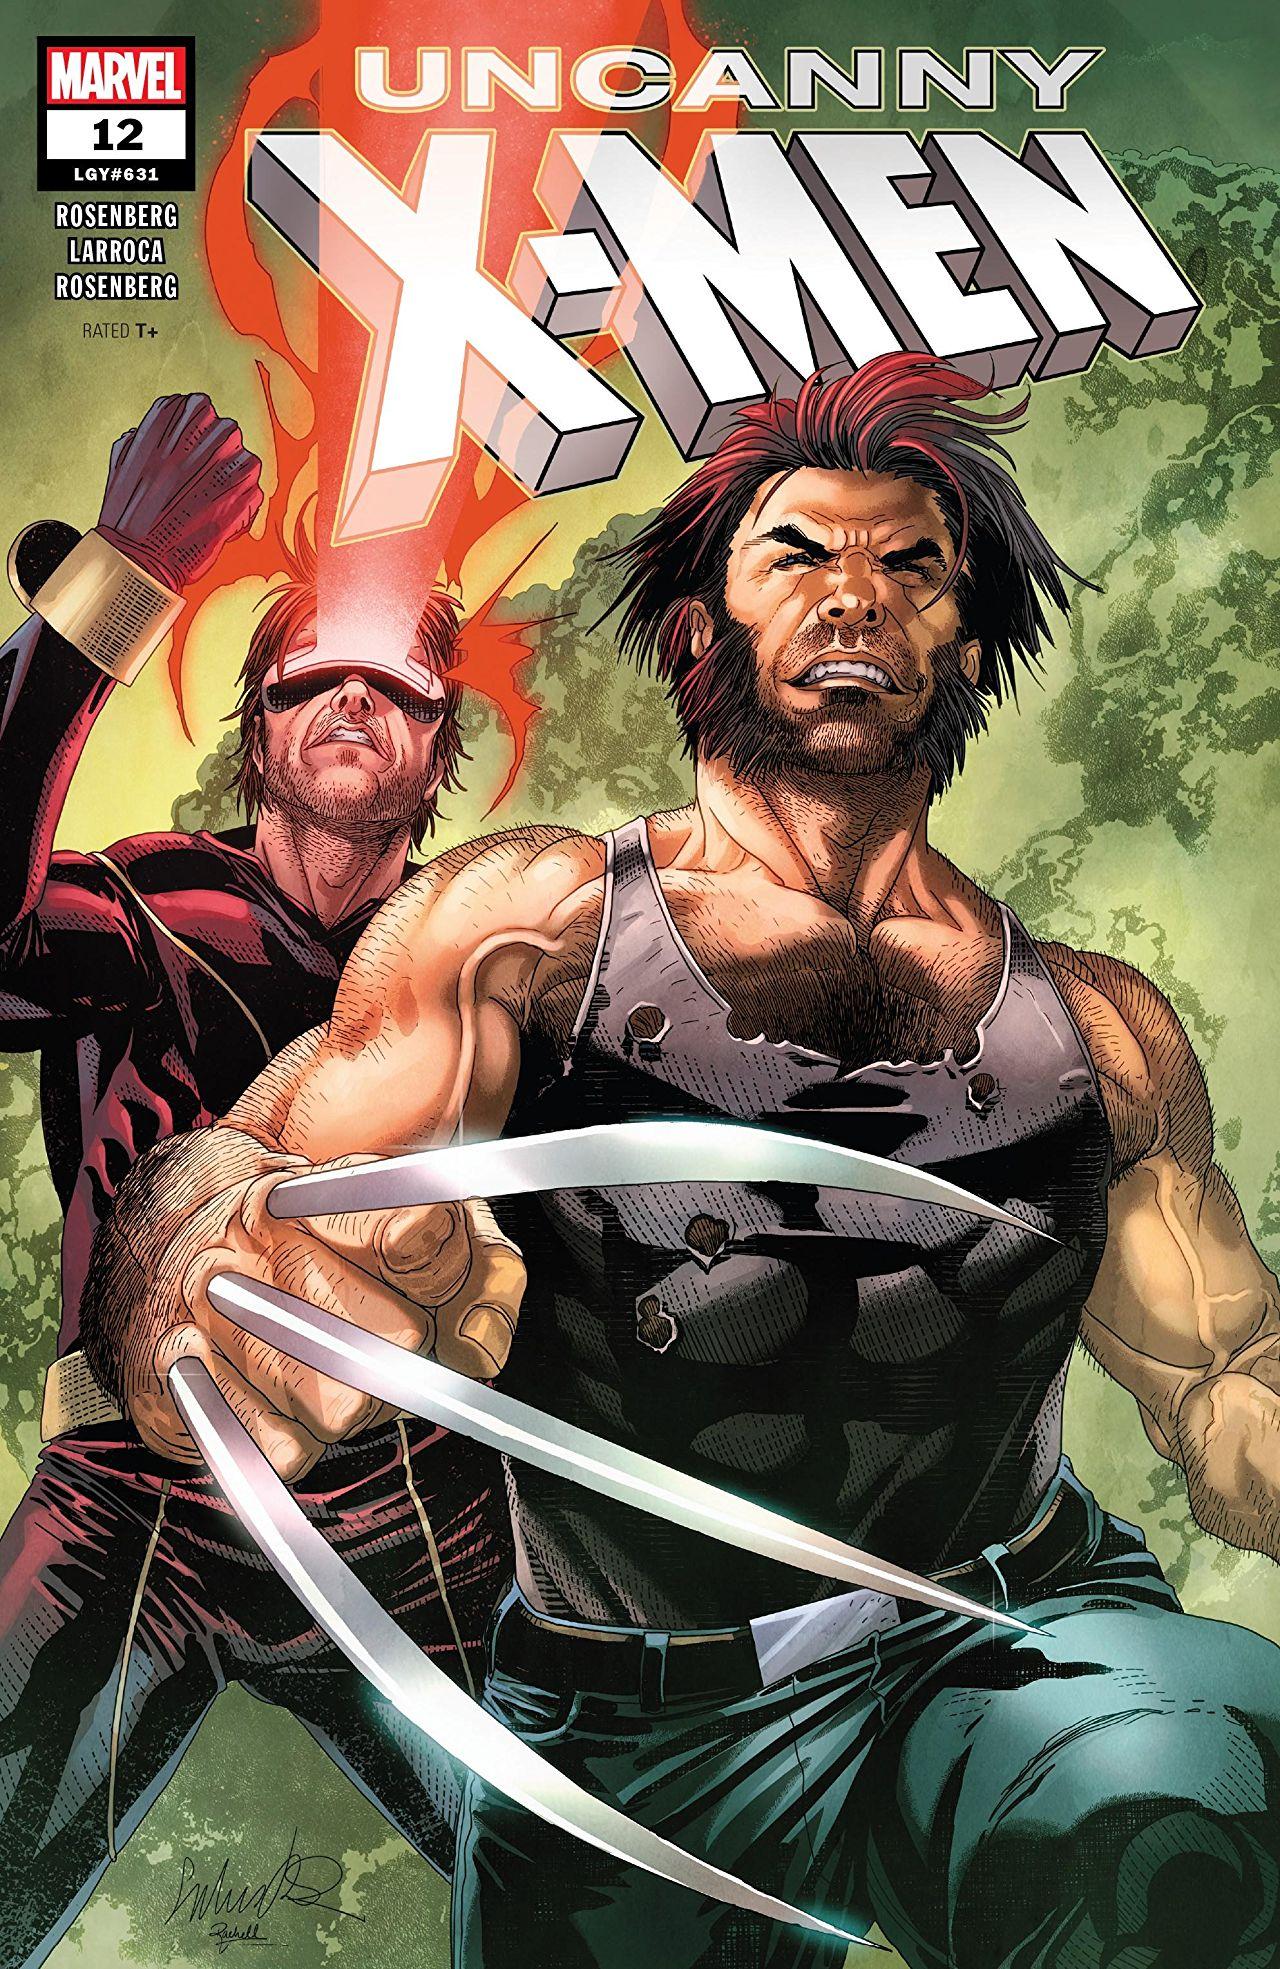 Uncanny X-Men Vol 5 12